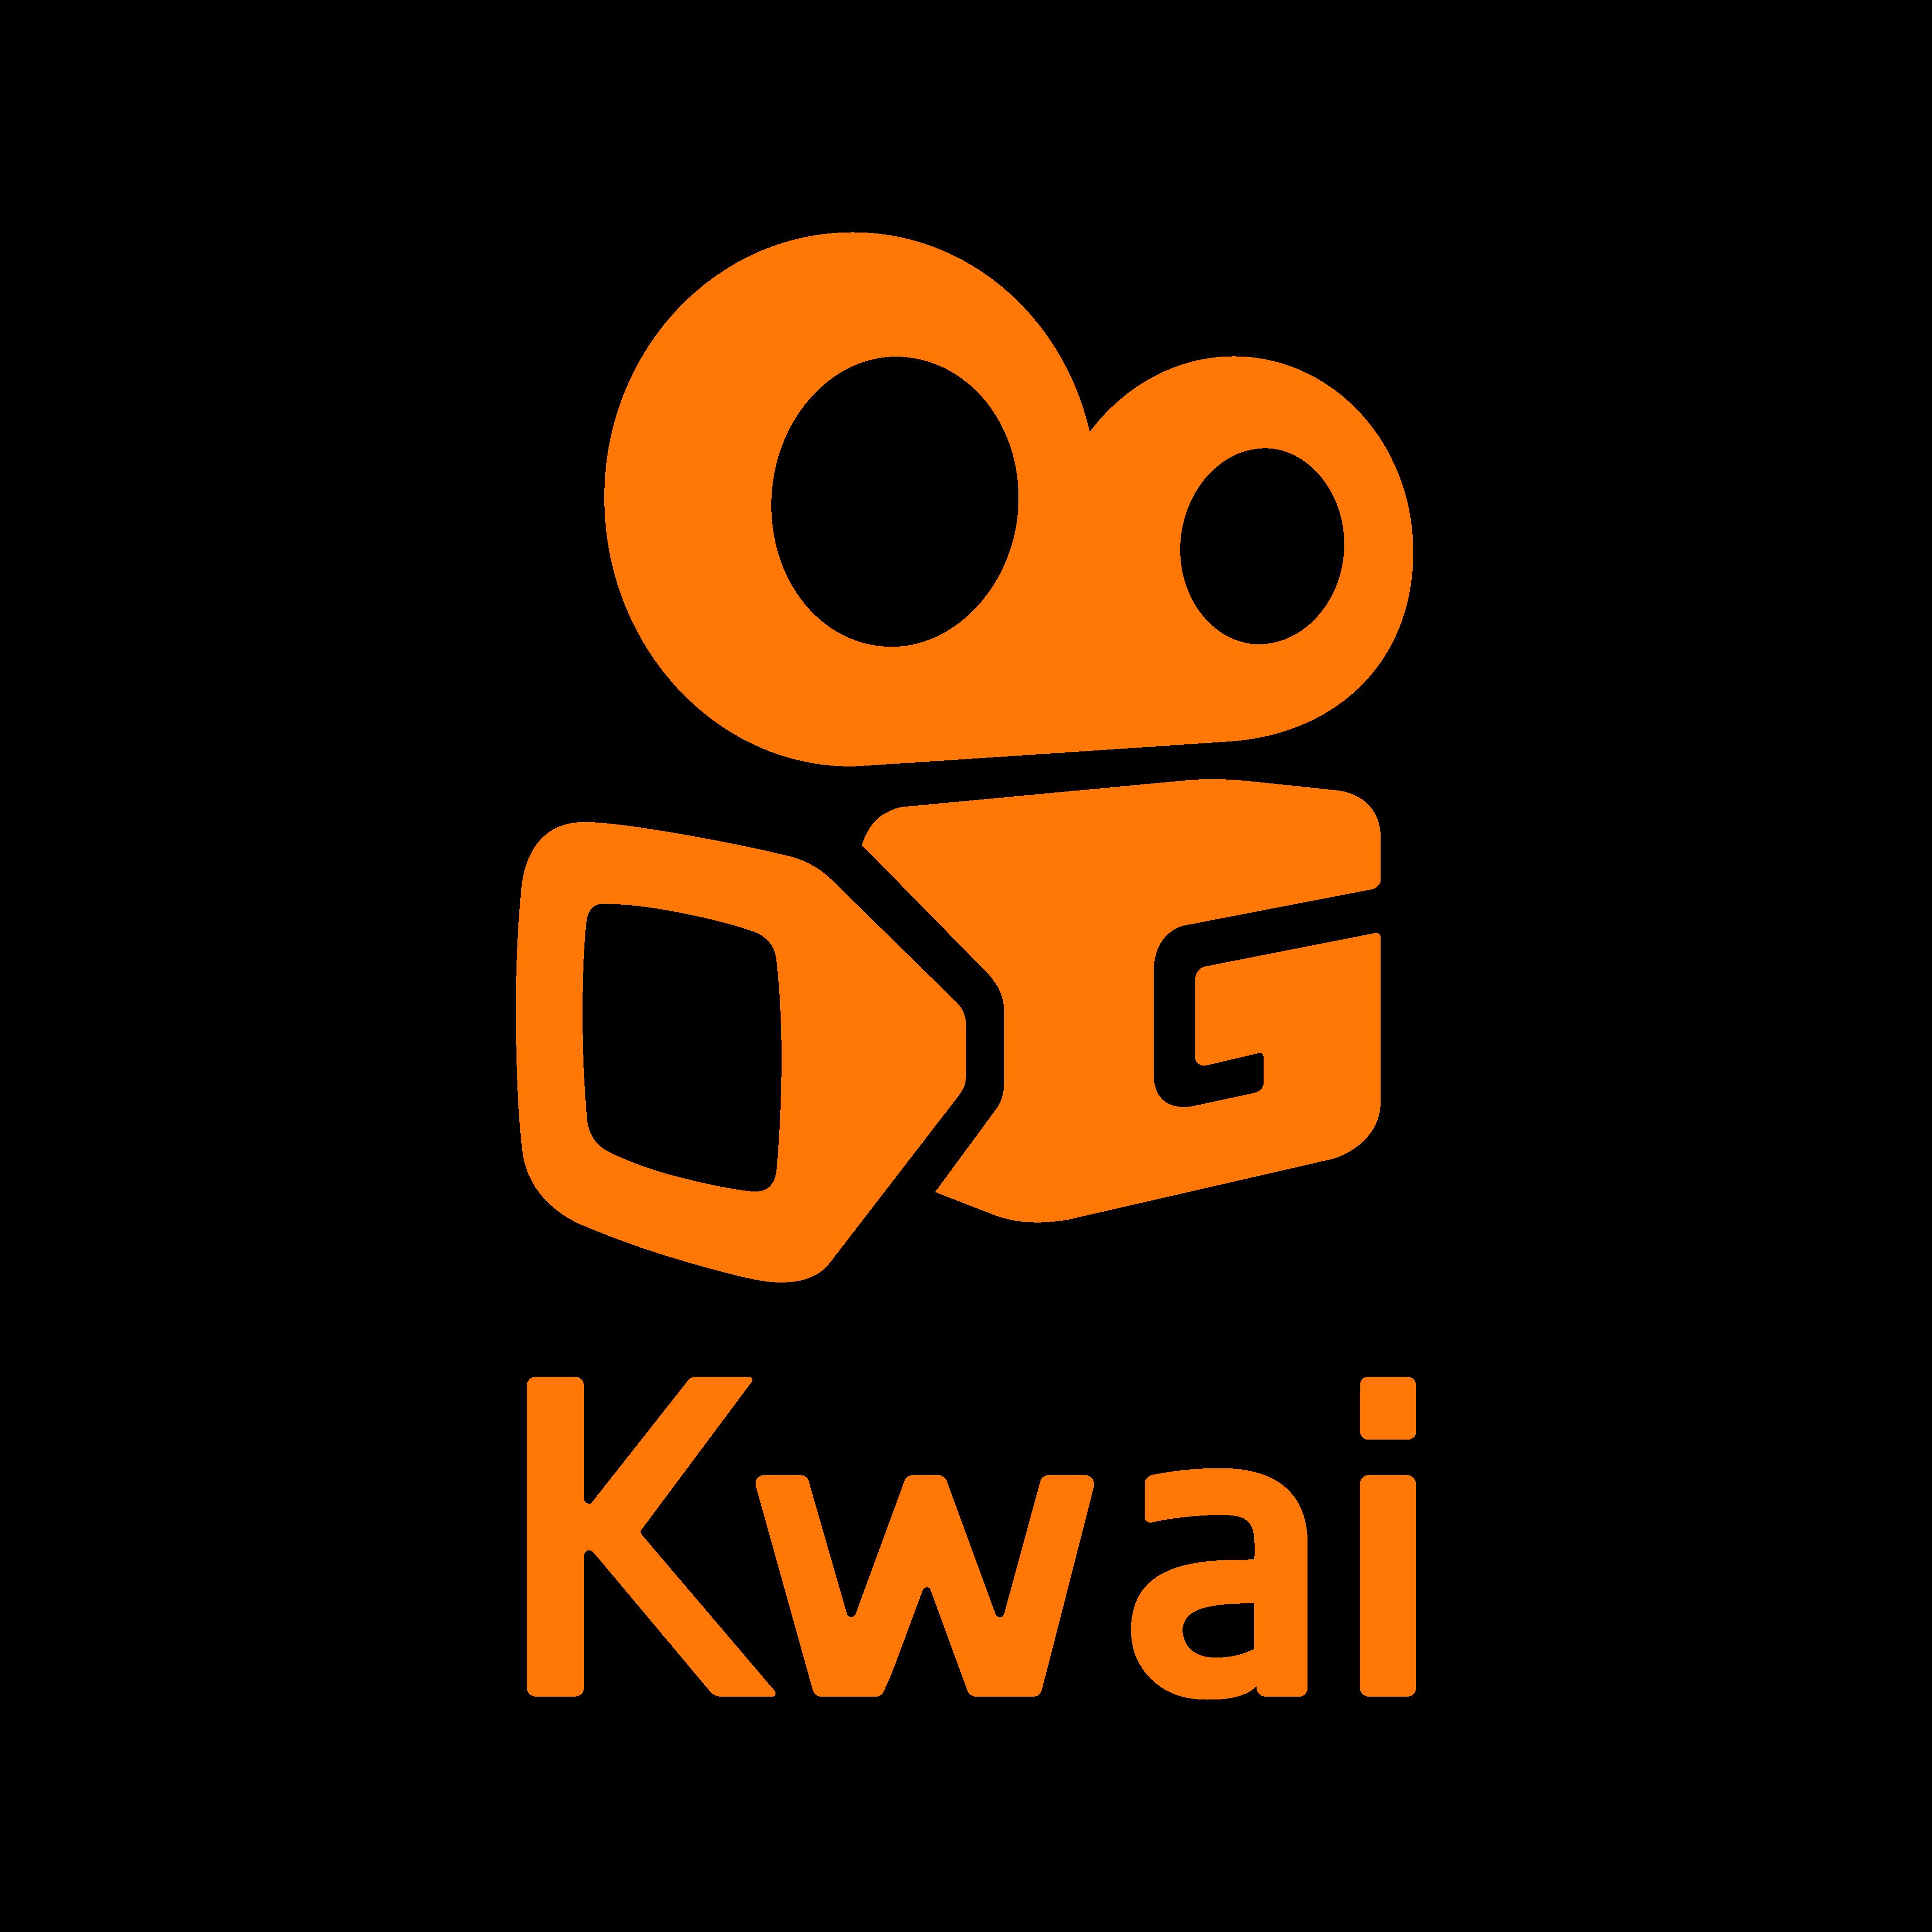 kwai logo 0 - Kwai Logo